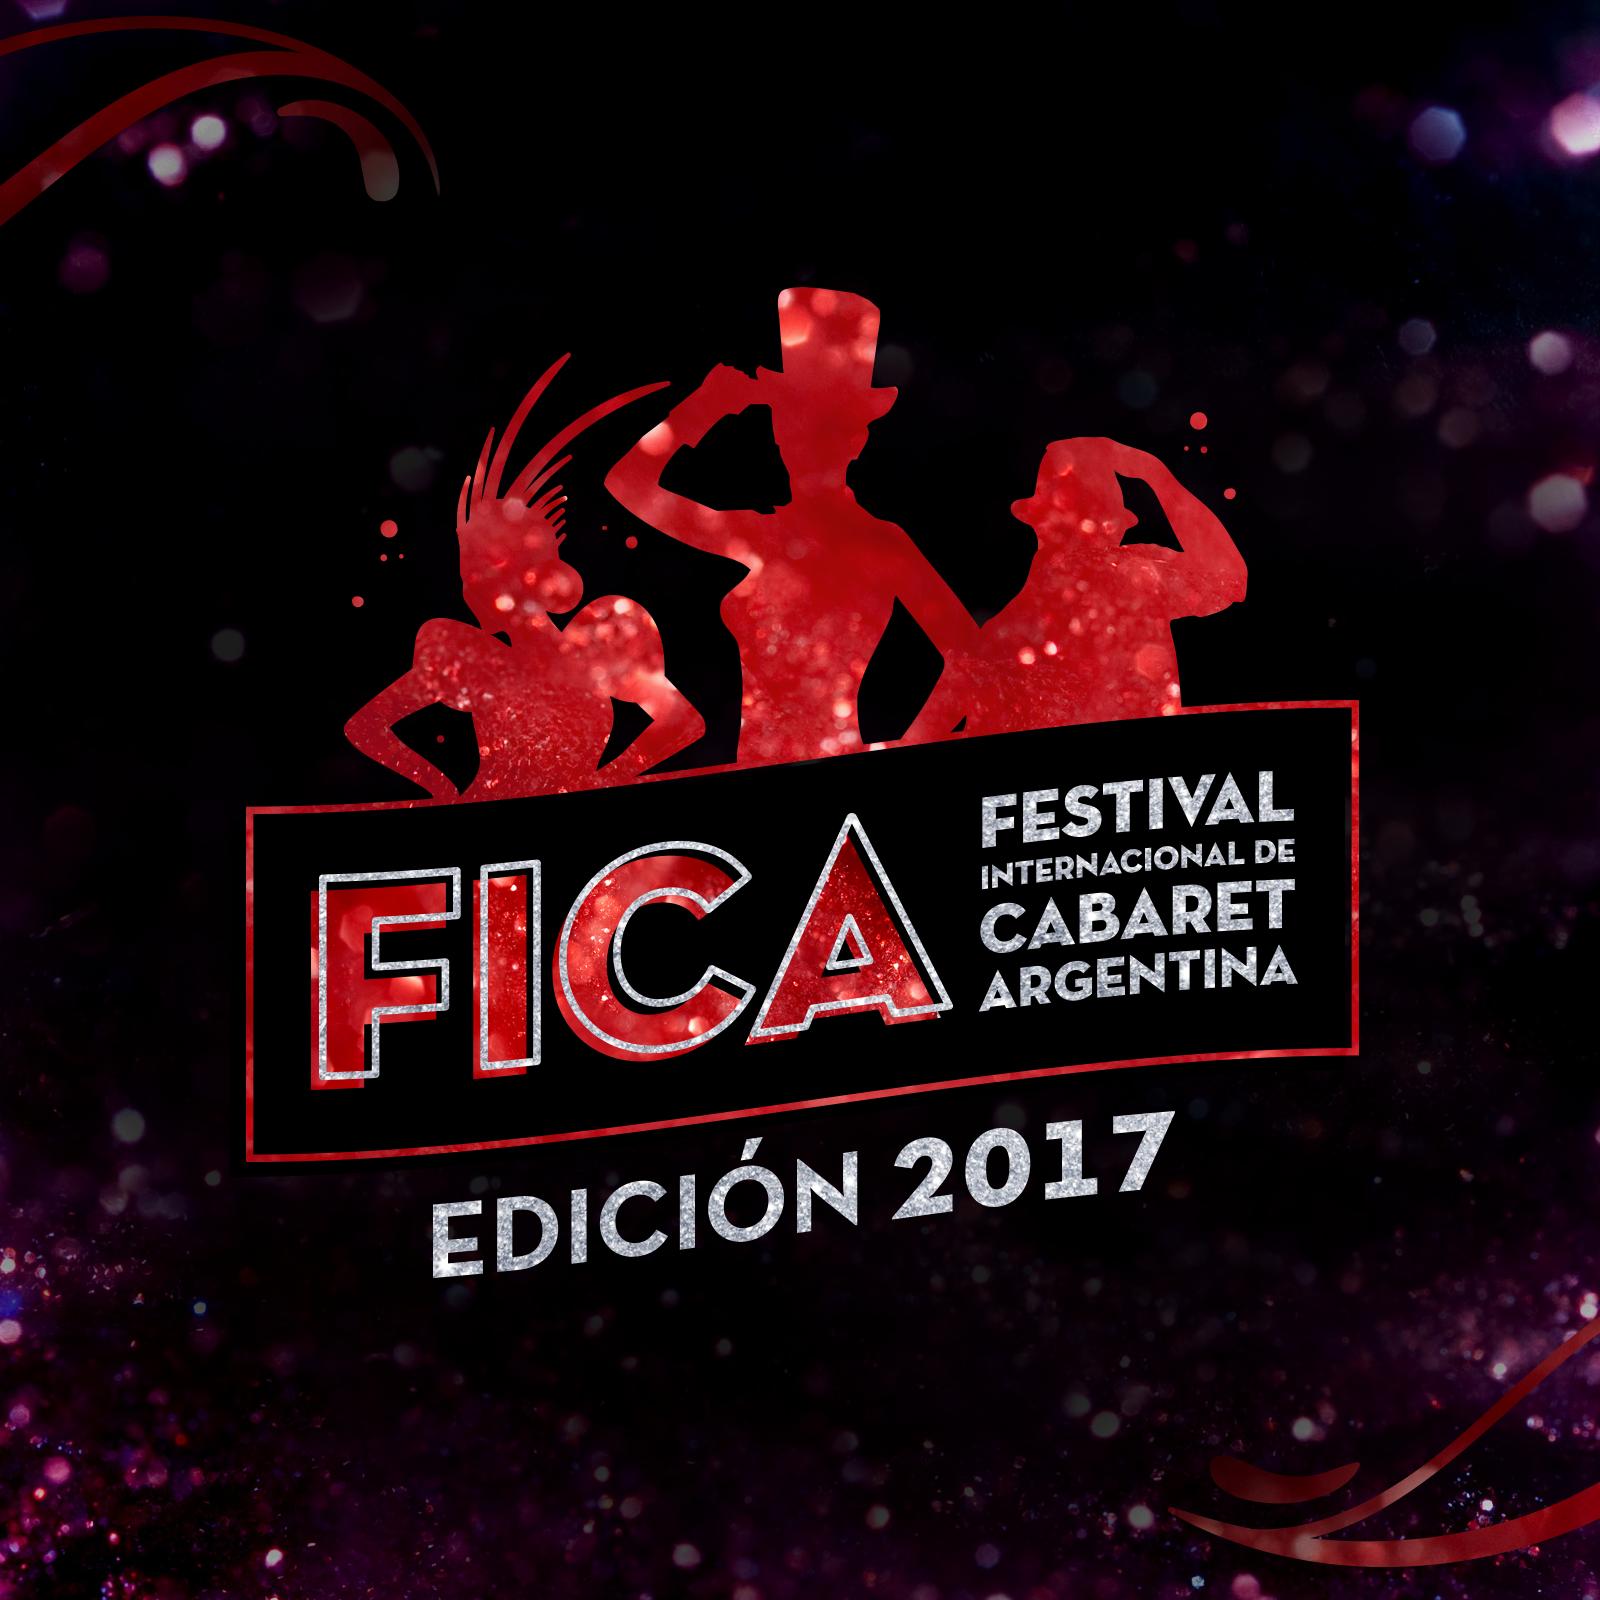 FICA 2017 – Segunda edición del Festival Internacional de Cabaret en Argentina